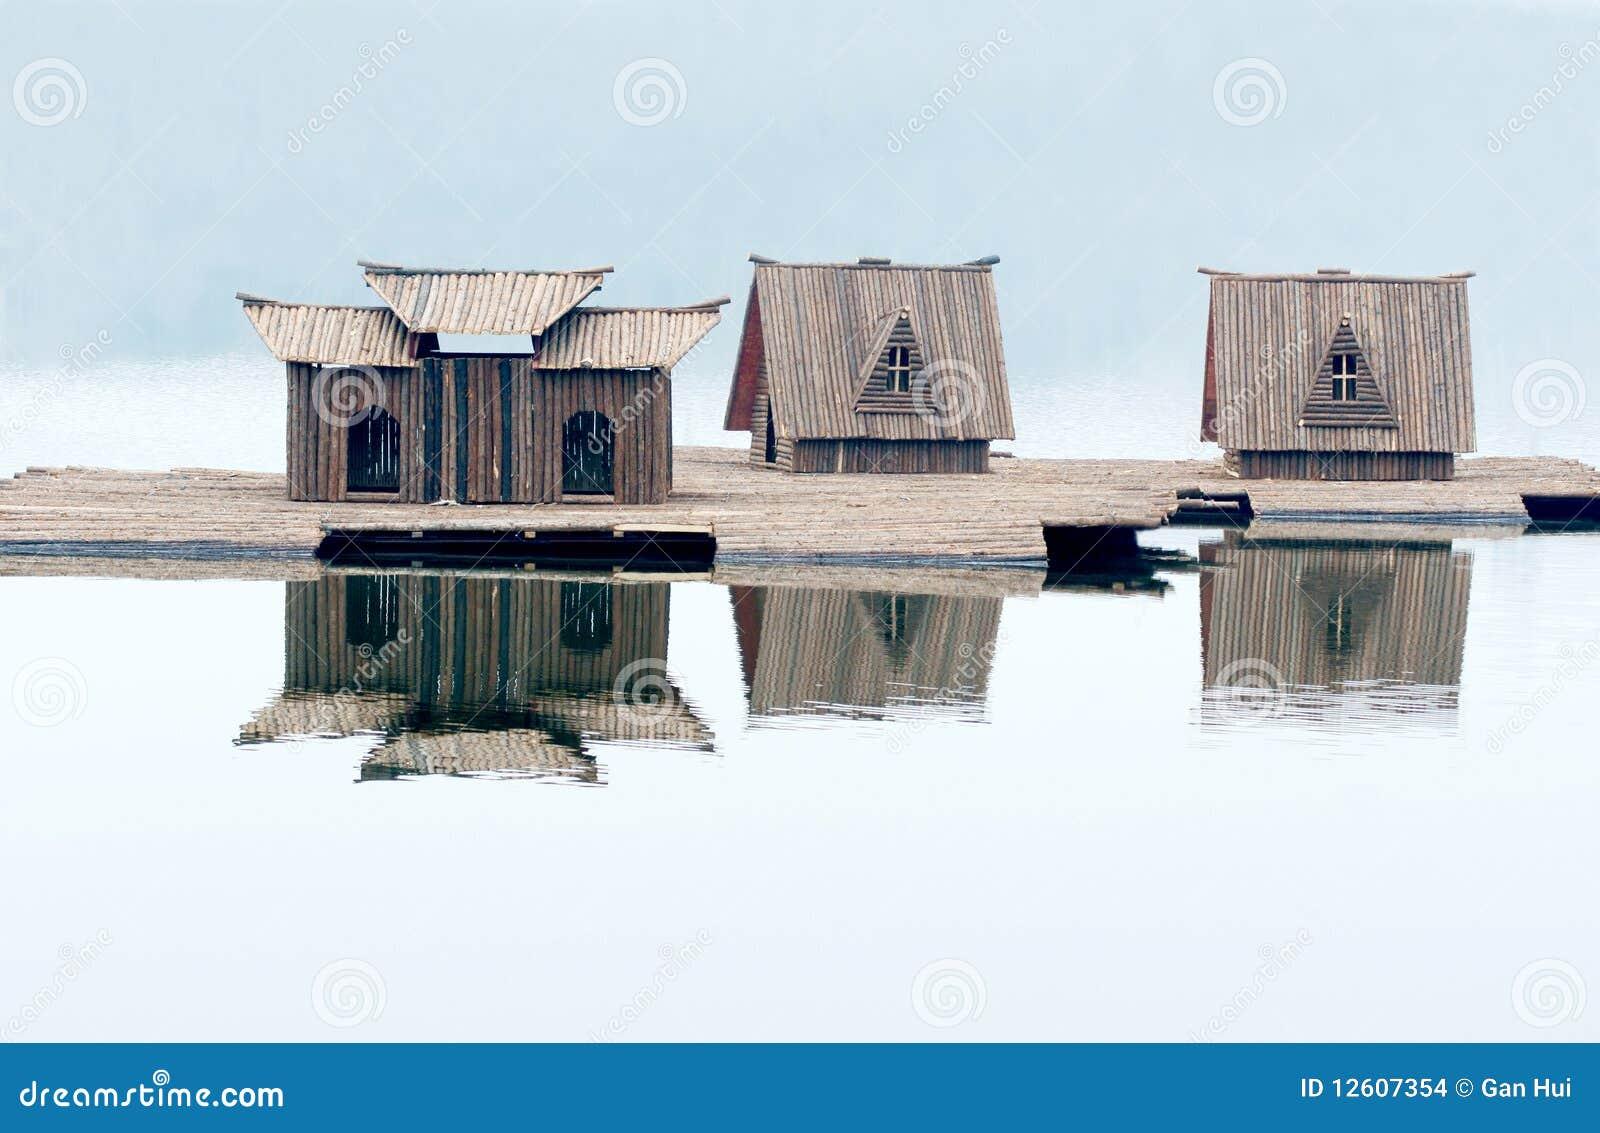 petite maison en bois sur l 39 eau images stock image 12607354. Black Bedroom Furniture Sets. Home Design Ideas